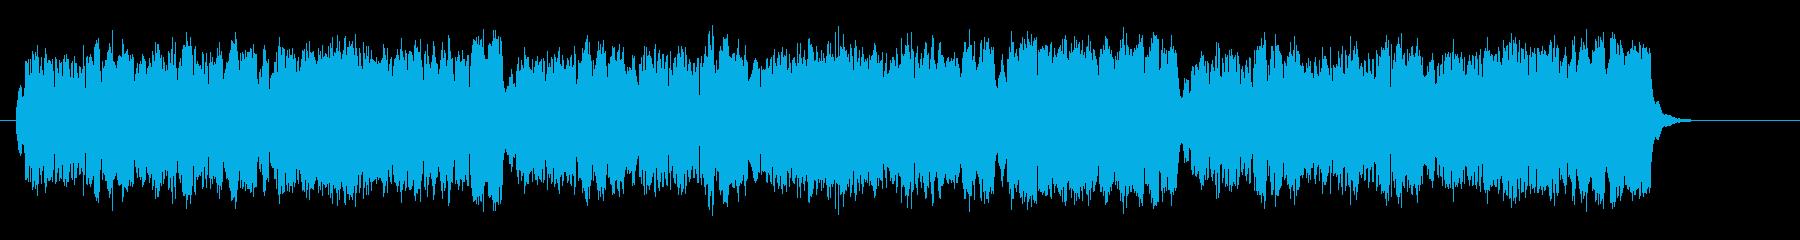 中世王朝の晩餐会的なオルガンバロックの再生済みの波形